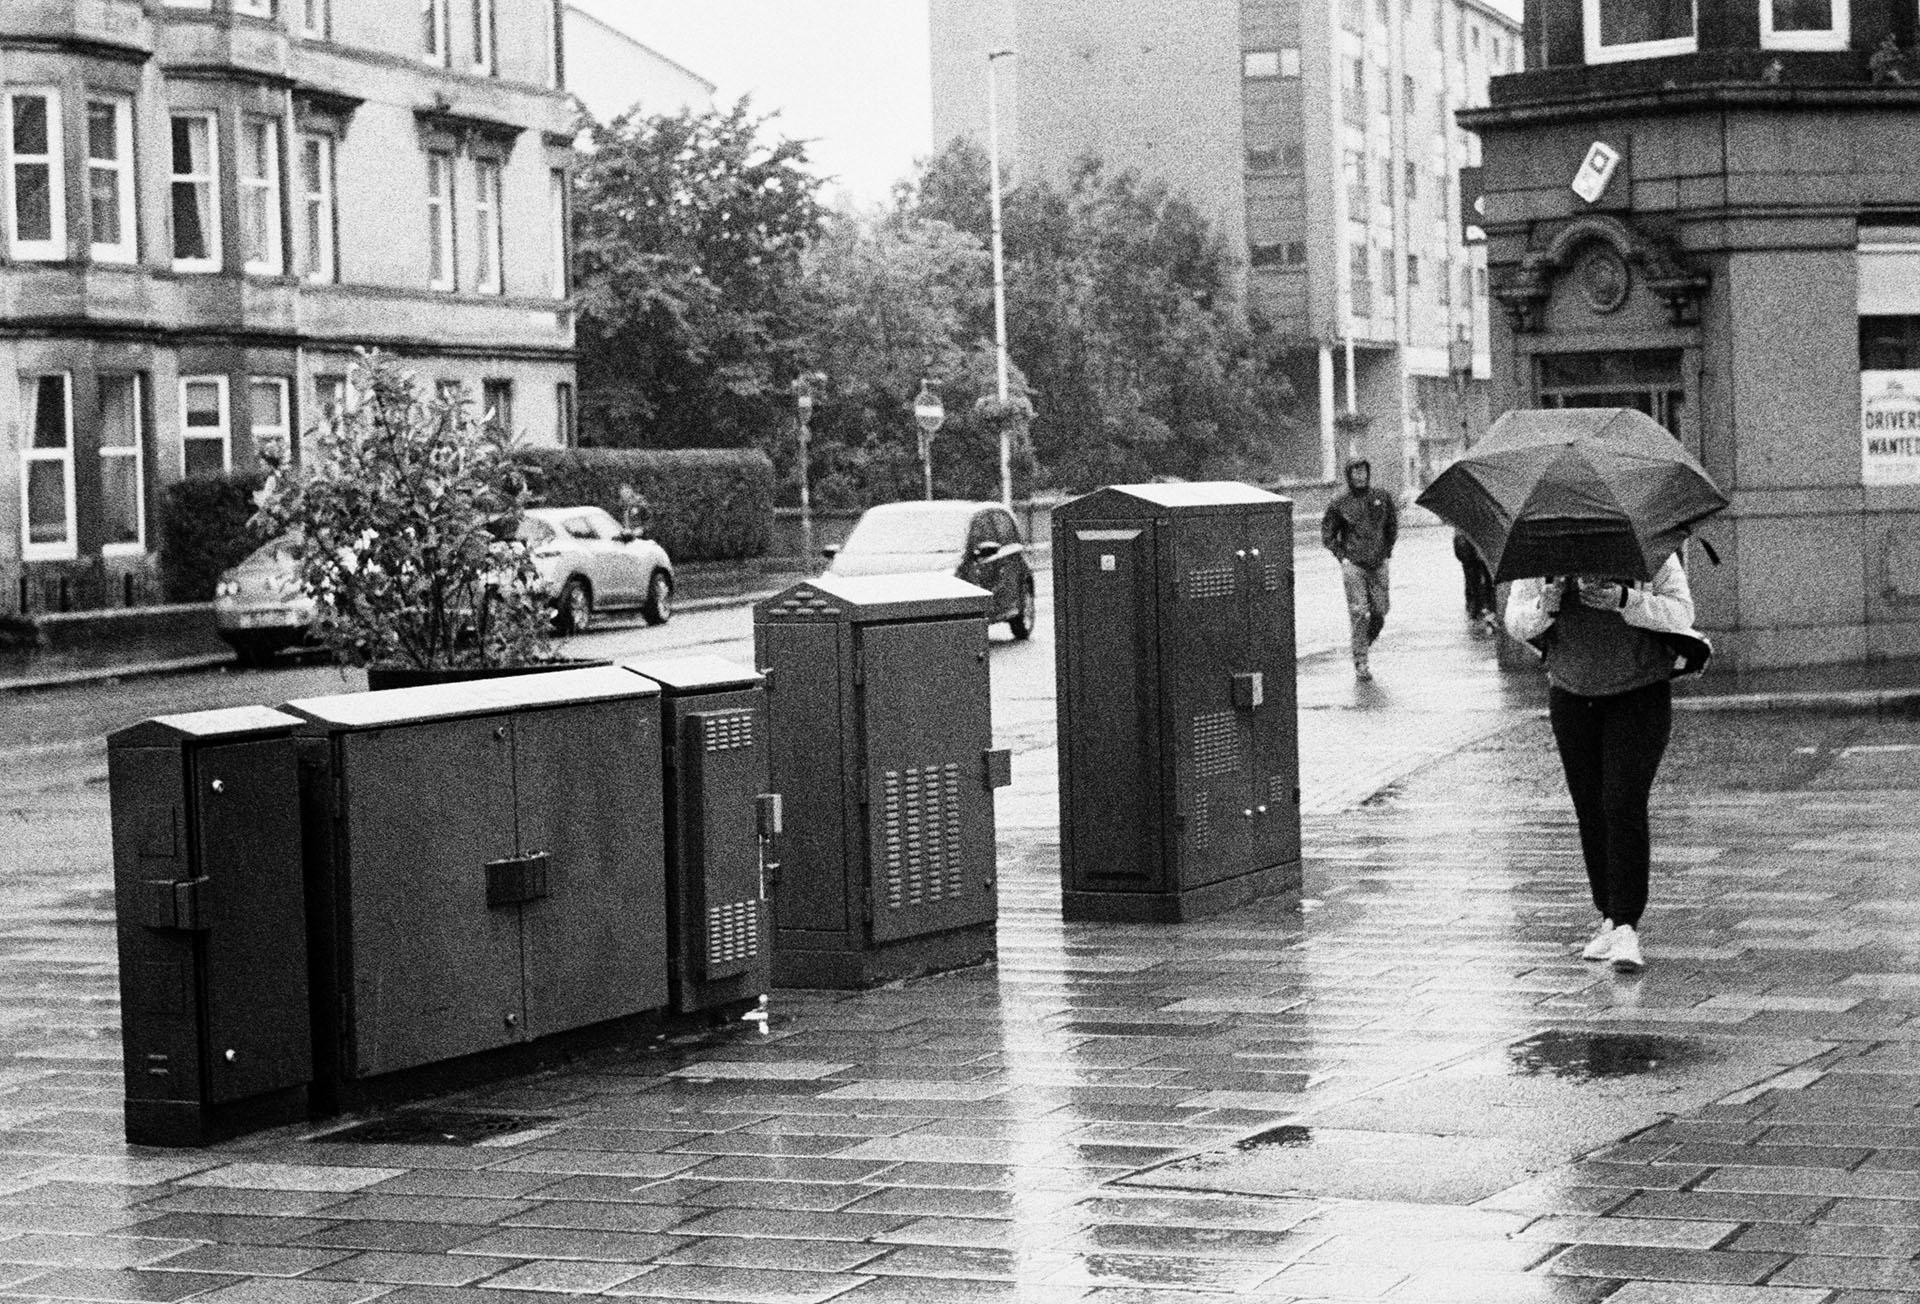 Glasgow street rain